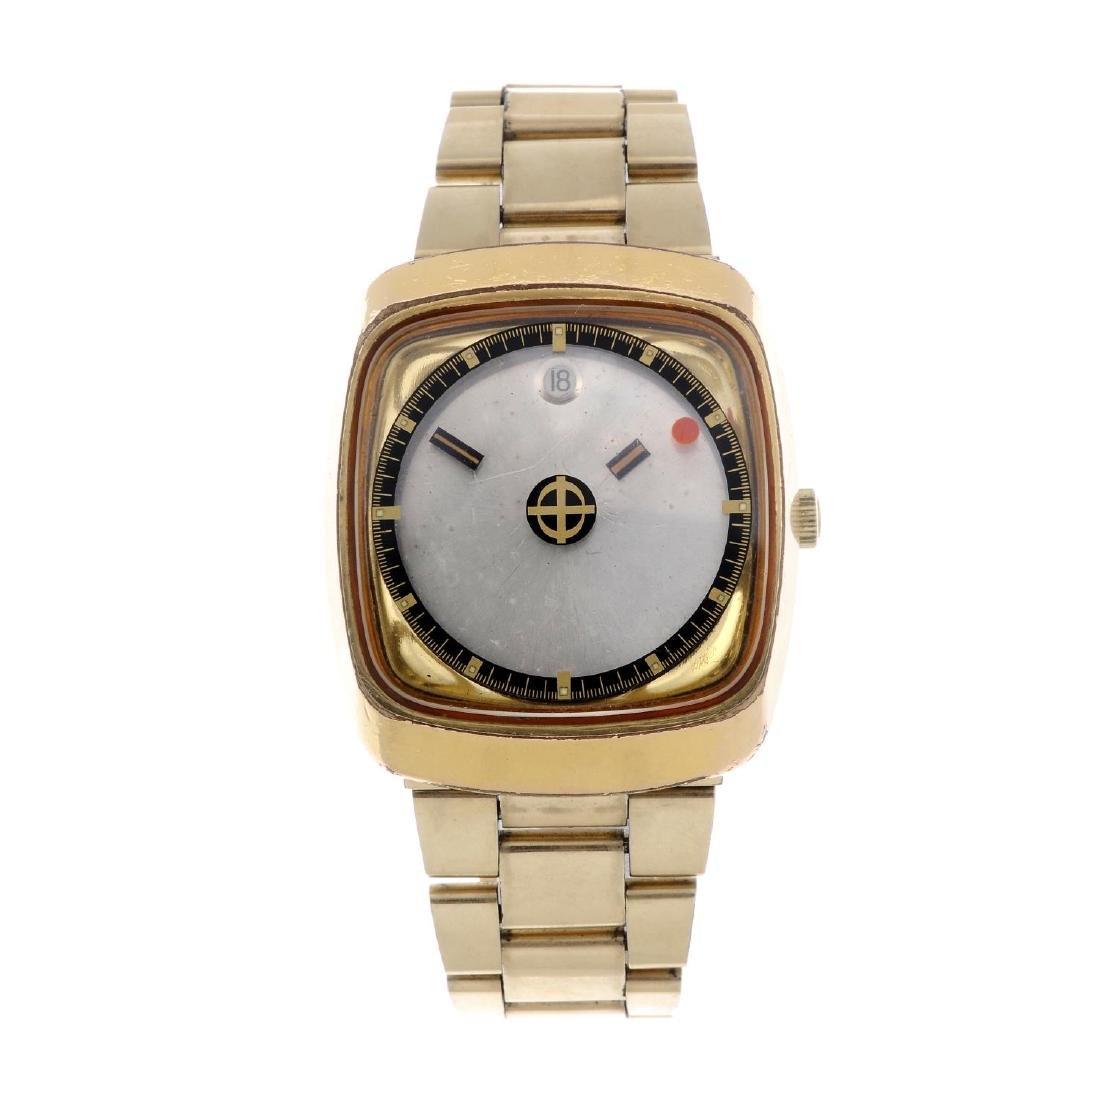 ZODIAC - a gentleman's Astrographic bracelet watch.